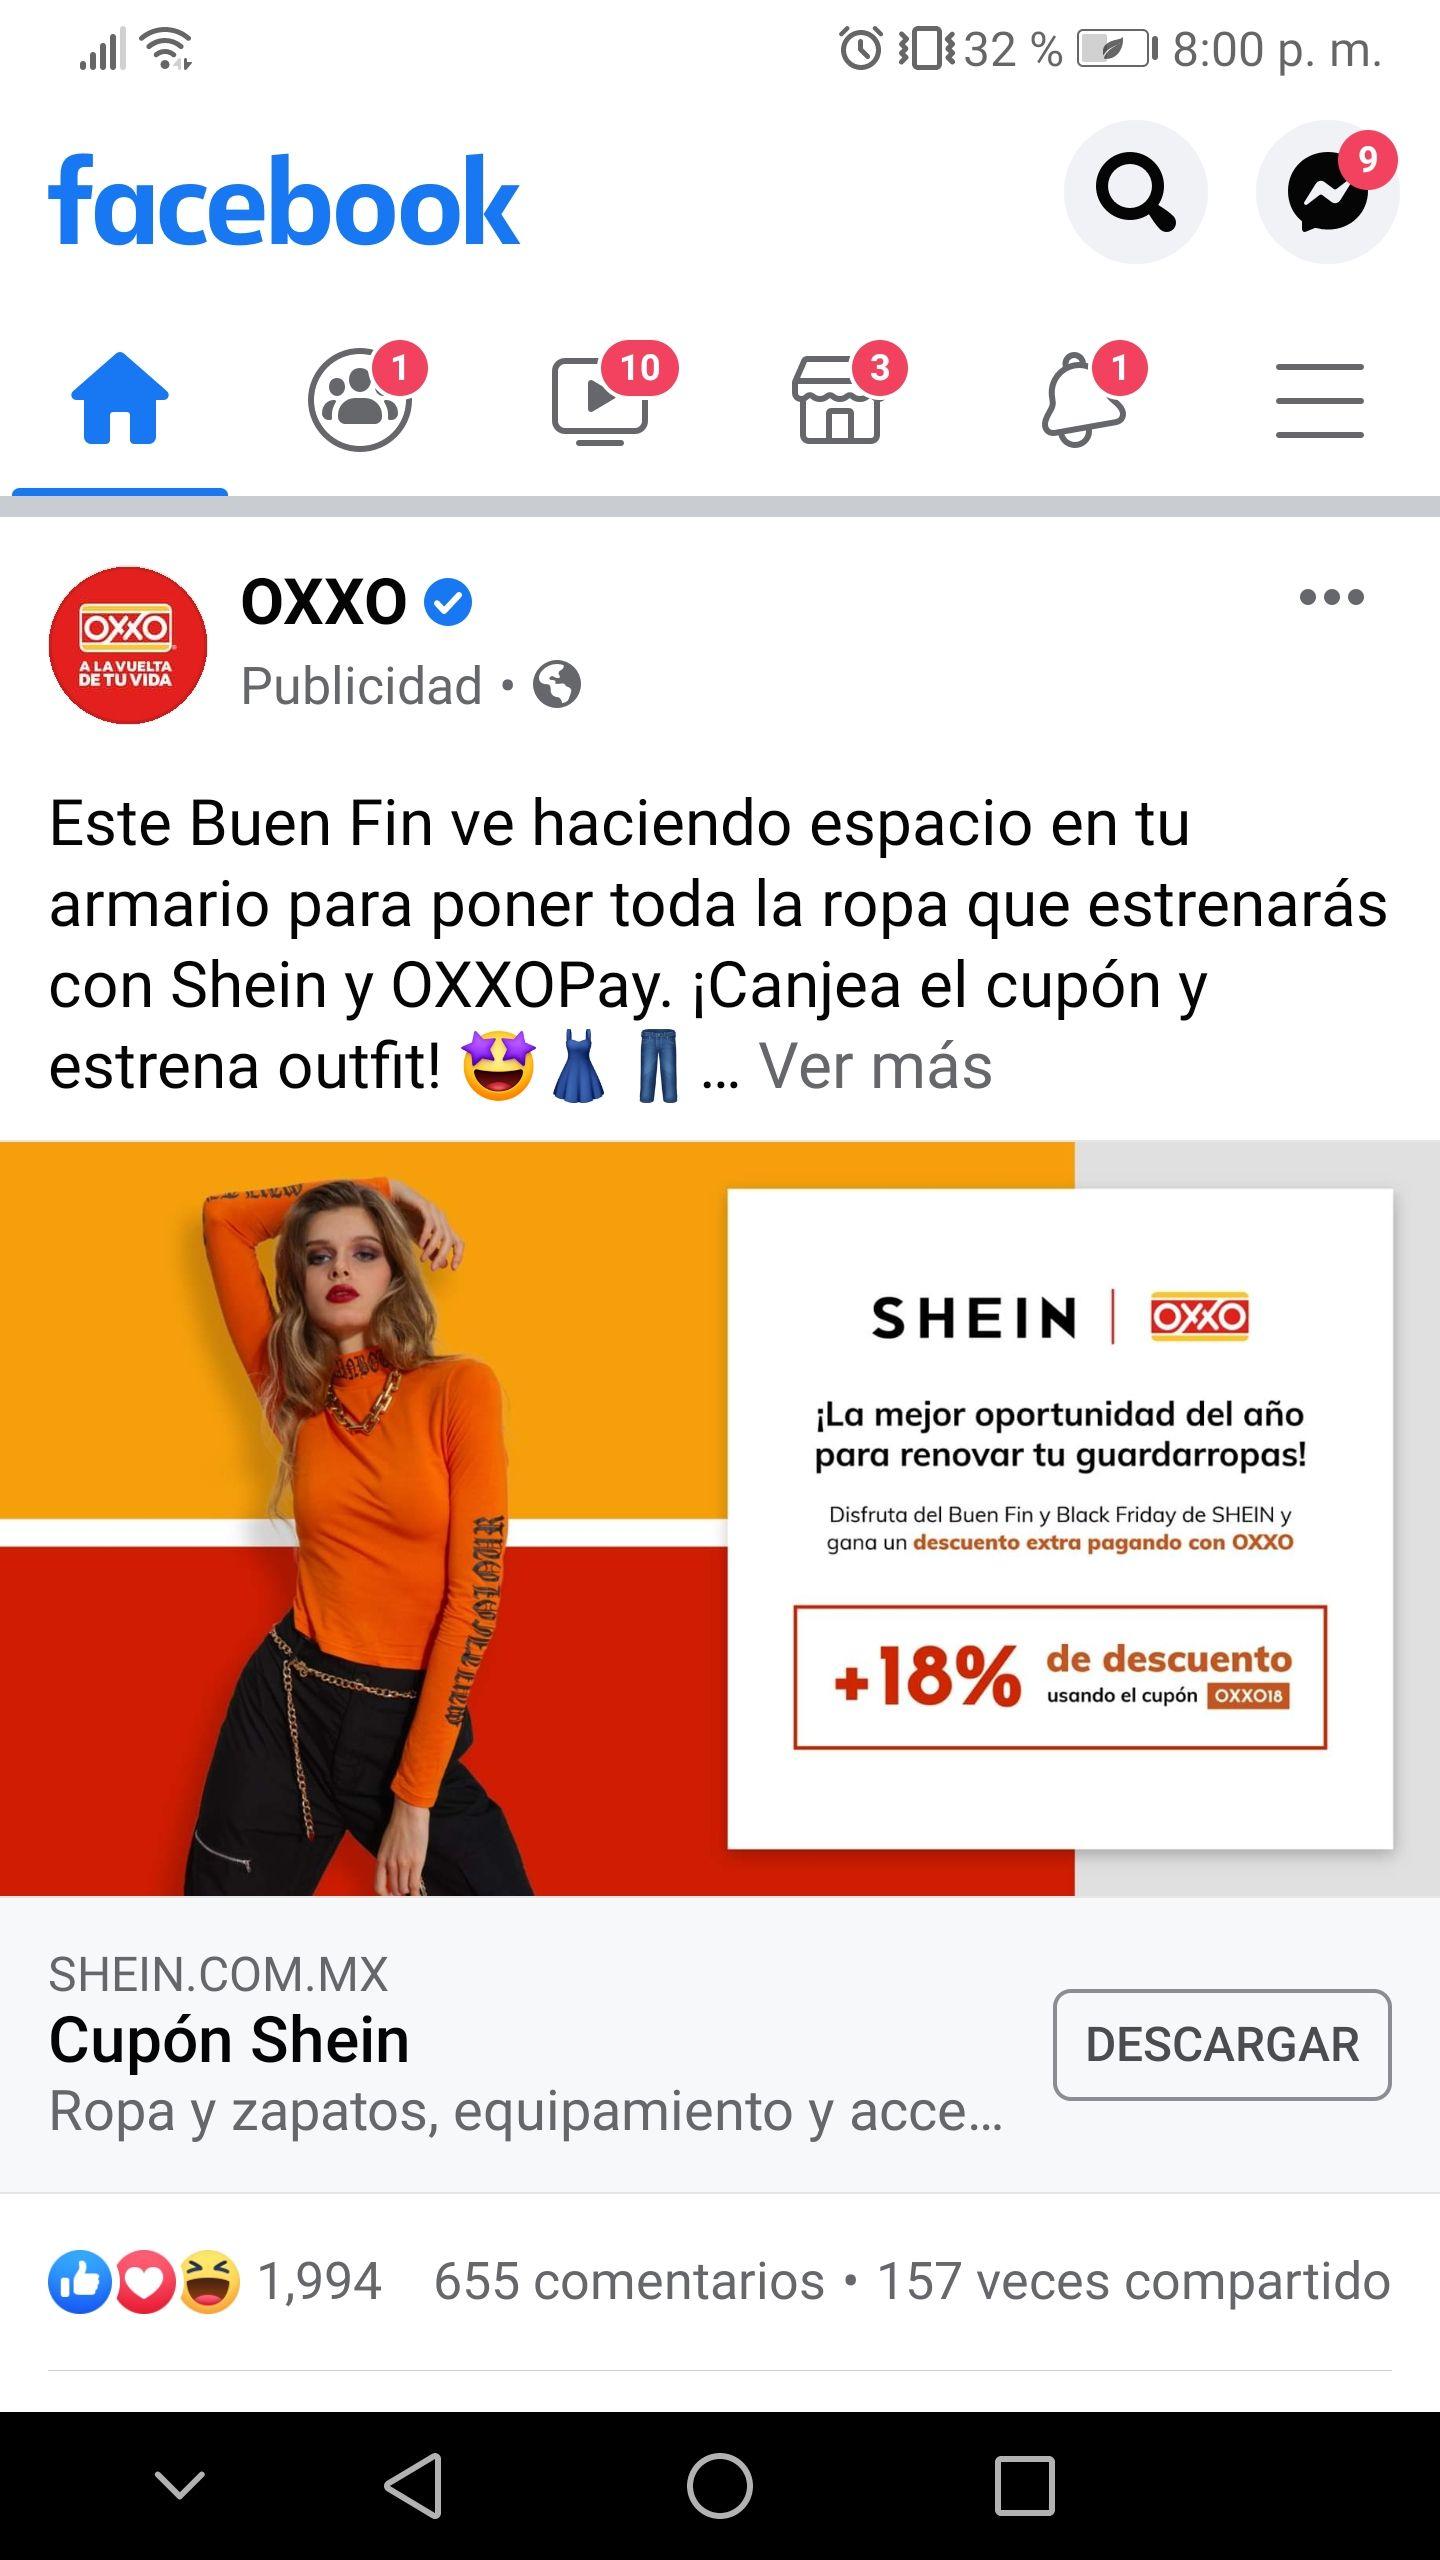 Shein: 18% de descuento extra pagando en OXXO